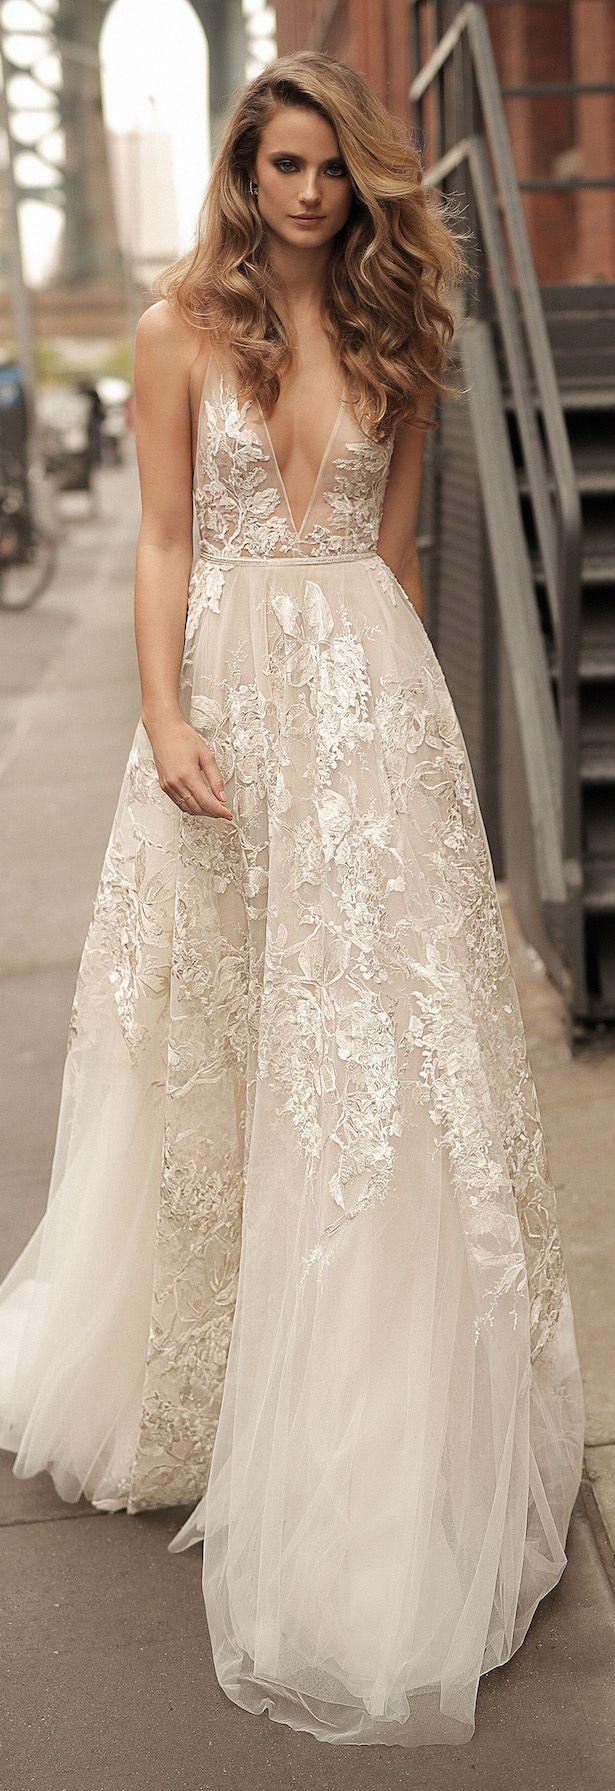 Berta Bridal Una silueta en A con detalles delicados Collection Spring 2018 www.anneveneth.com